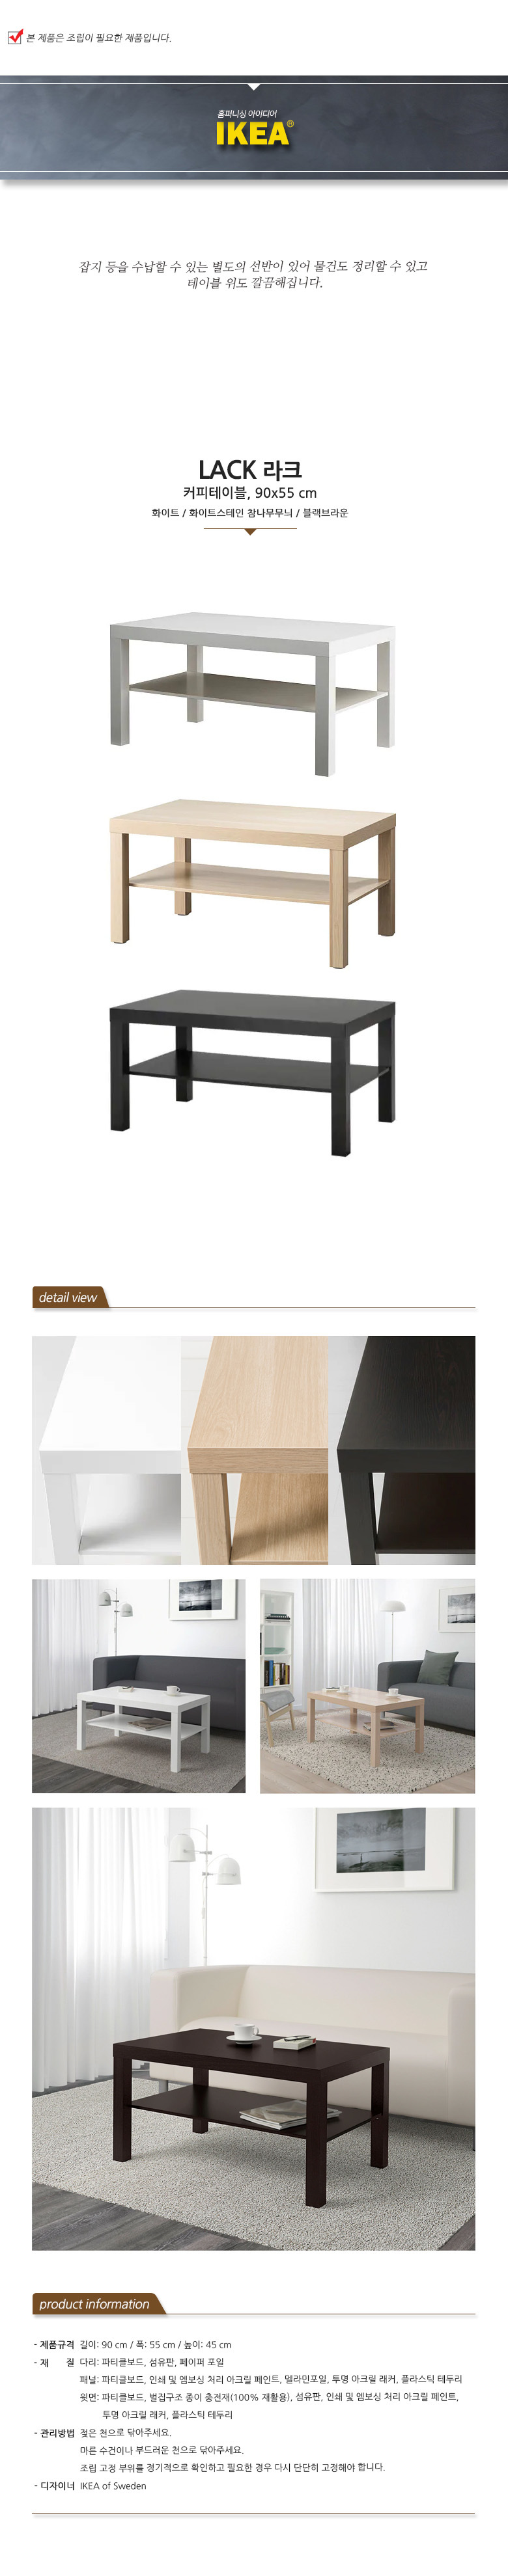 이케아 LACK 커피테이블(90x55 cm) - 이케아, 53,580원, 거실 테이블, 소파테이블